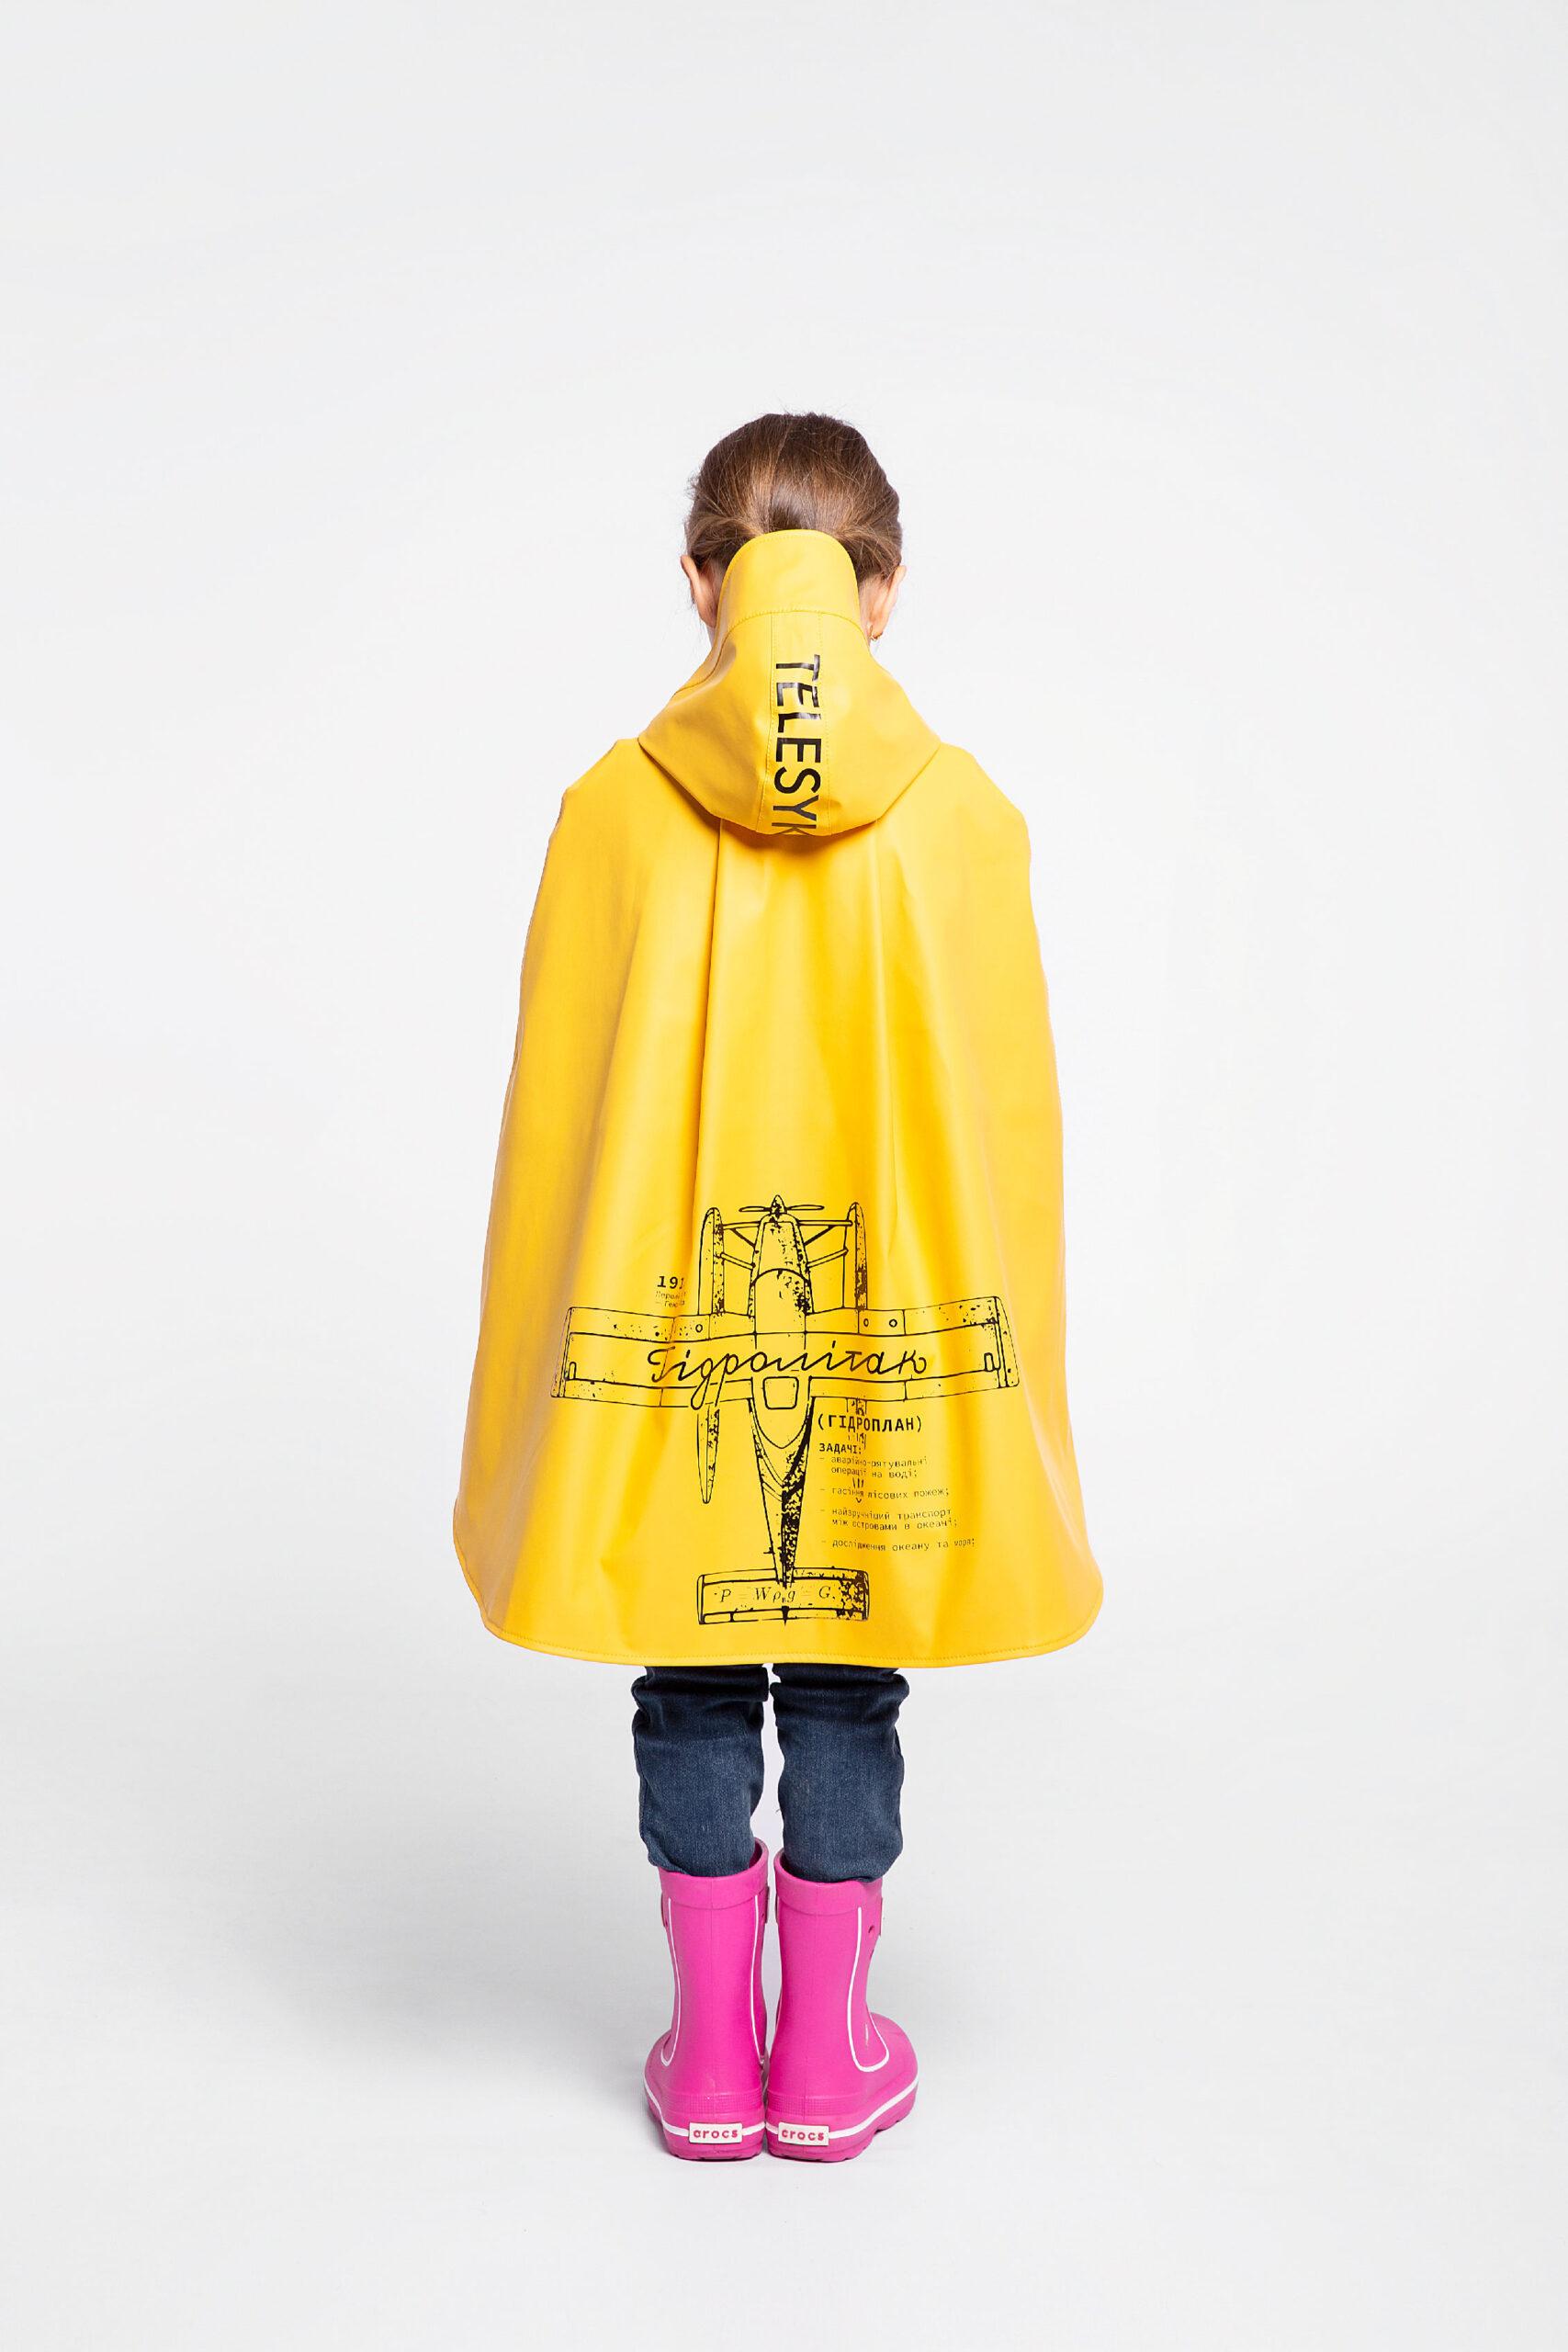 Дитячий Дощовик-Пончо Гідроплан. Колір жовтий.  Зовнішній матеріал: основна – поліефір 100%, покриття – ПВХ-100%, водонепроникність 1500 г/м2/24 год, стійкий до ультрафіолету, зносостійкий.